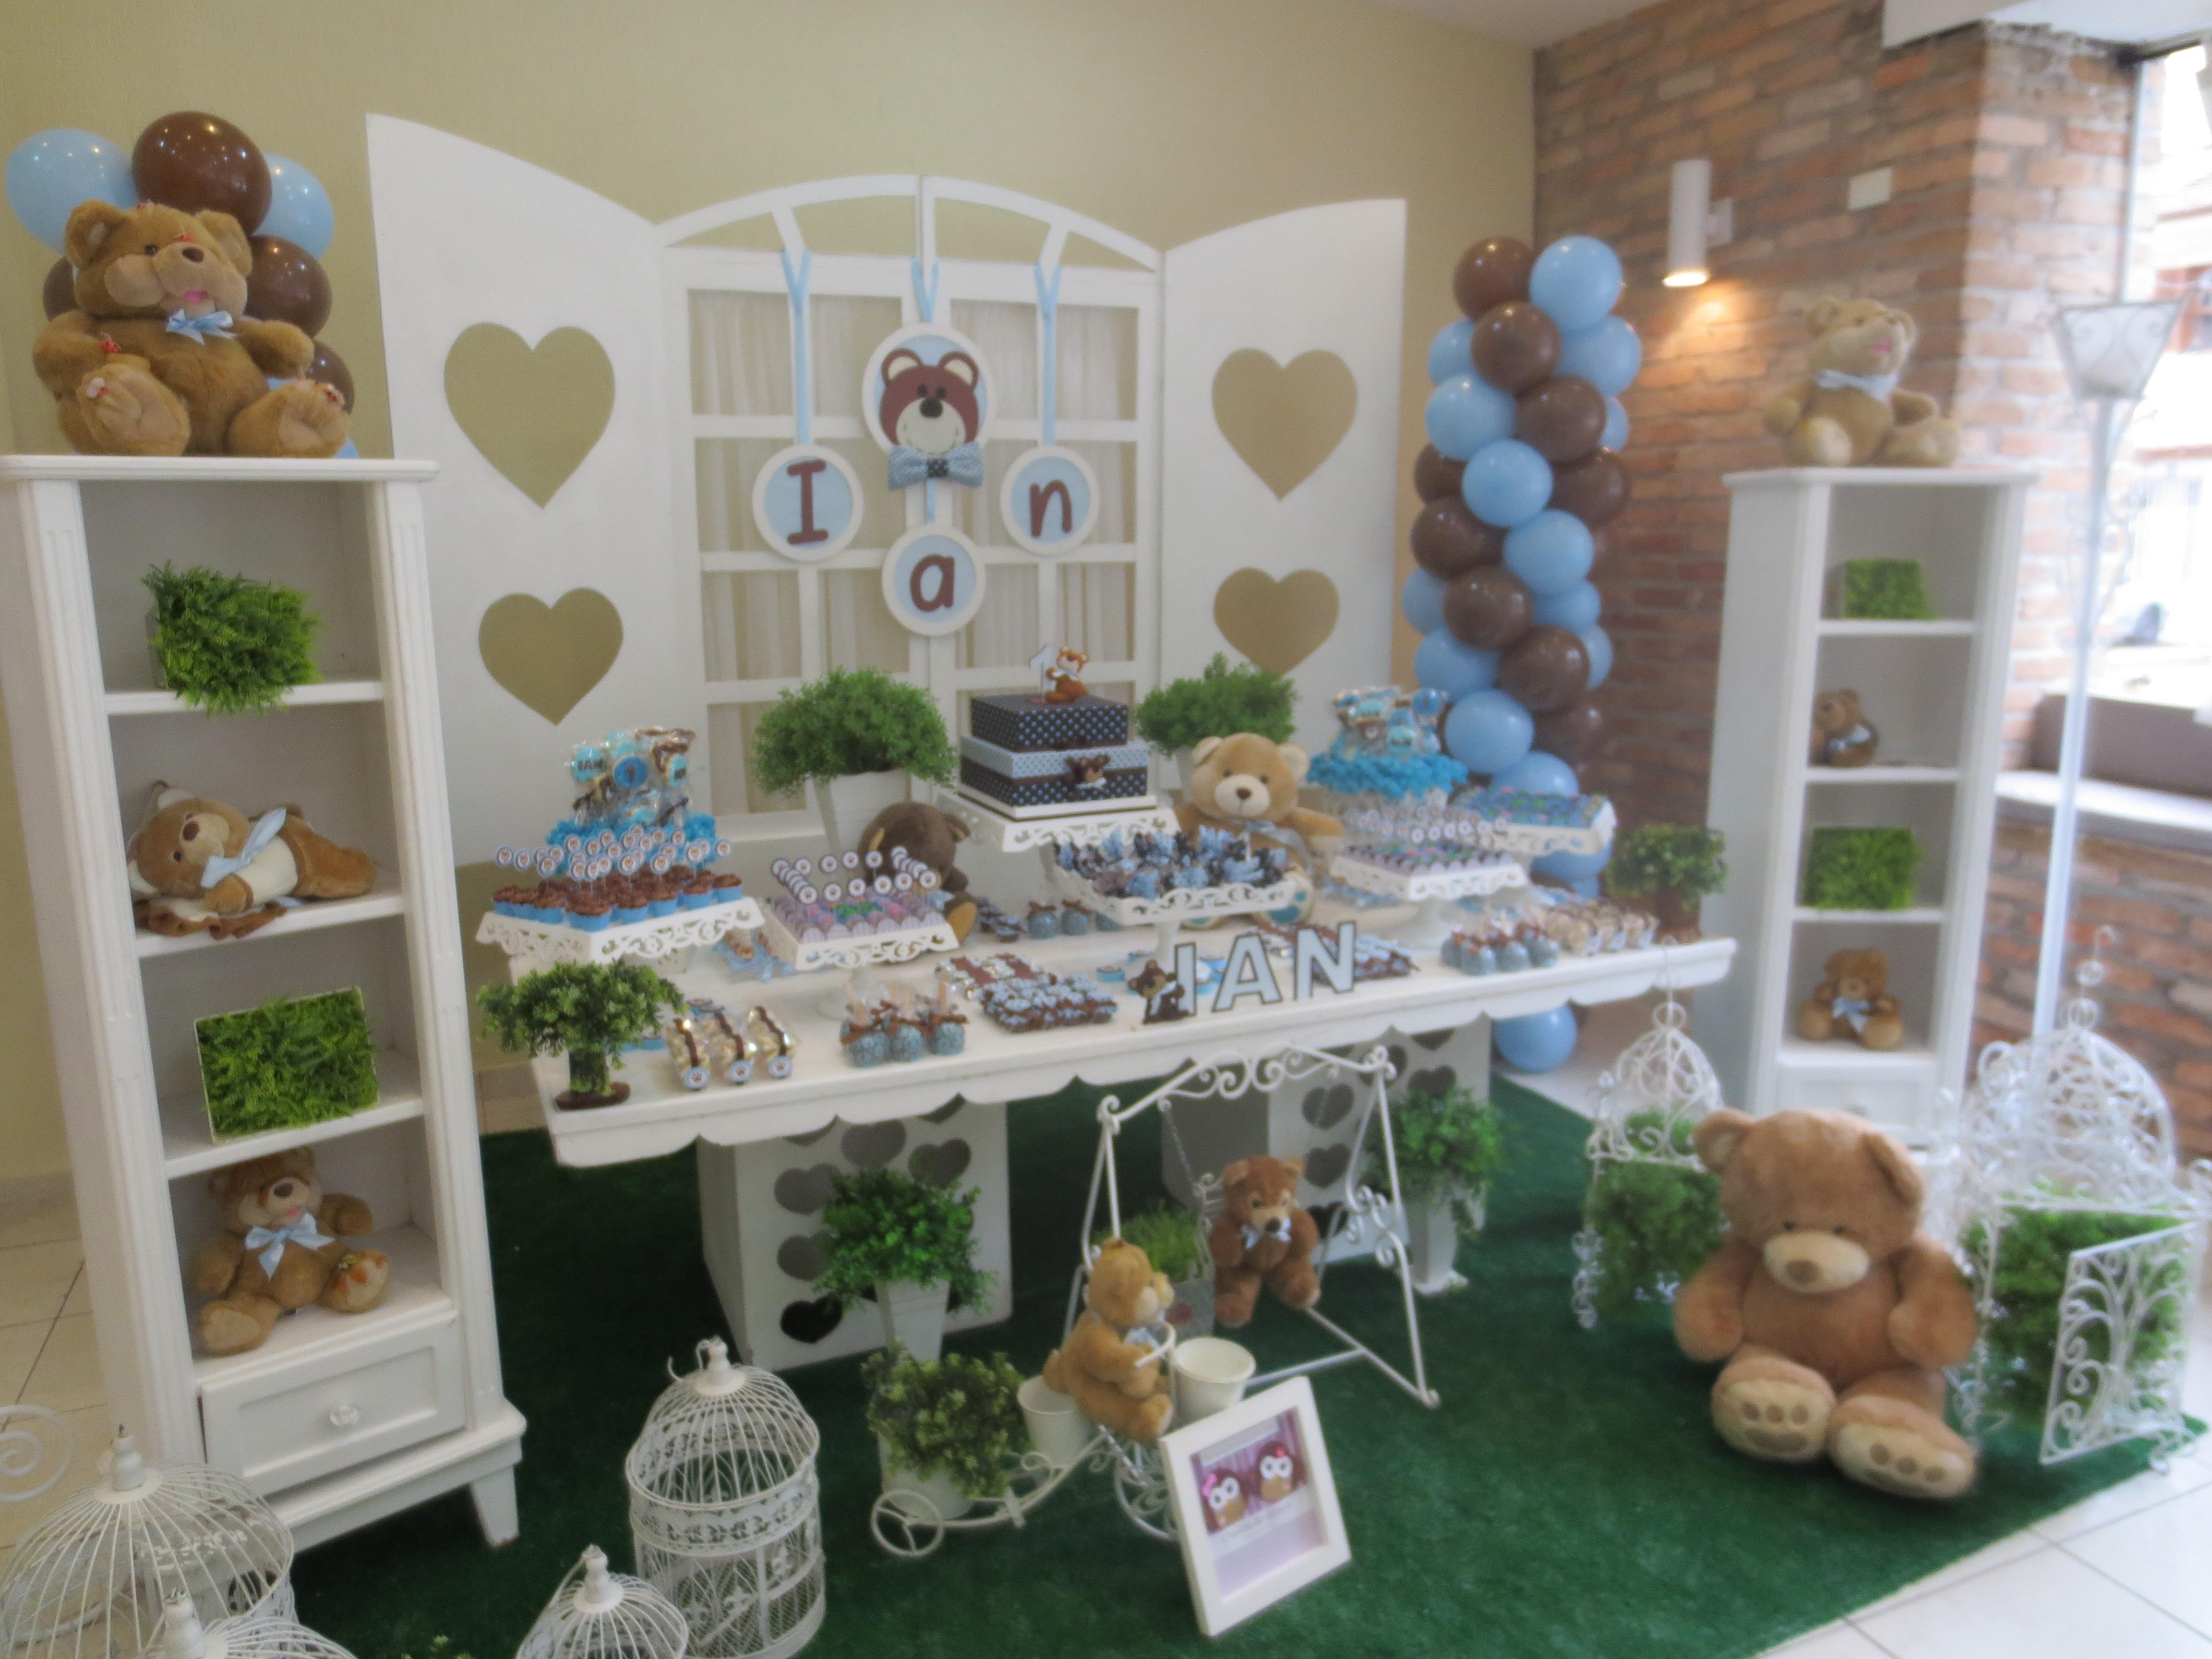 decoracao festa urso azul e marrom: urso marrom e azul festa personalizada urso marrom e azul